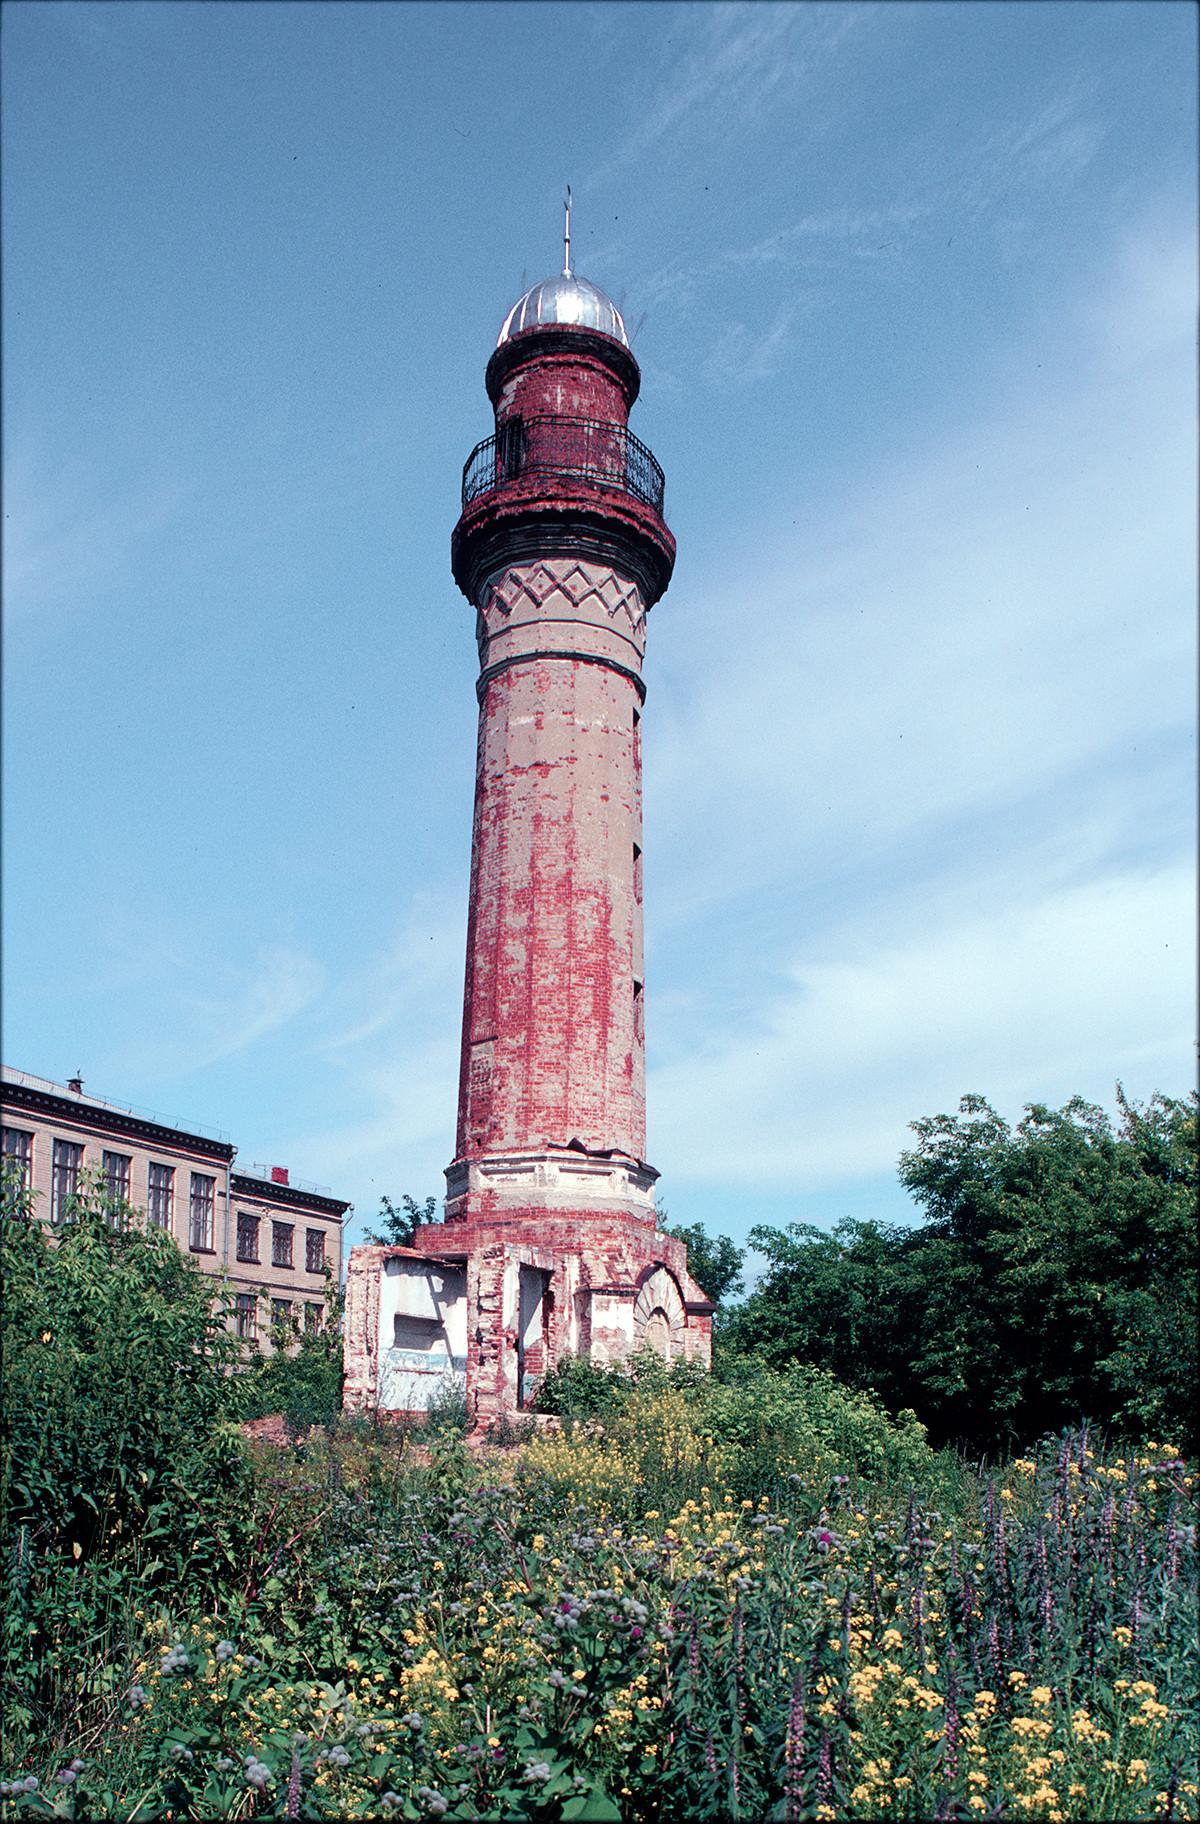 Minaret of former mosque. July 15, 2003